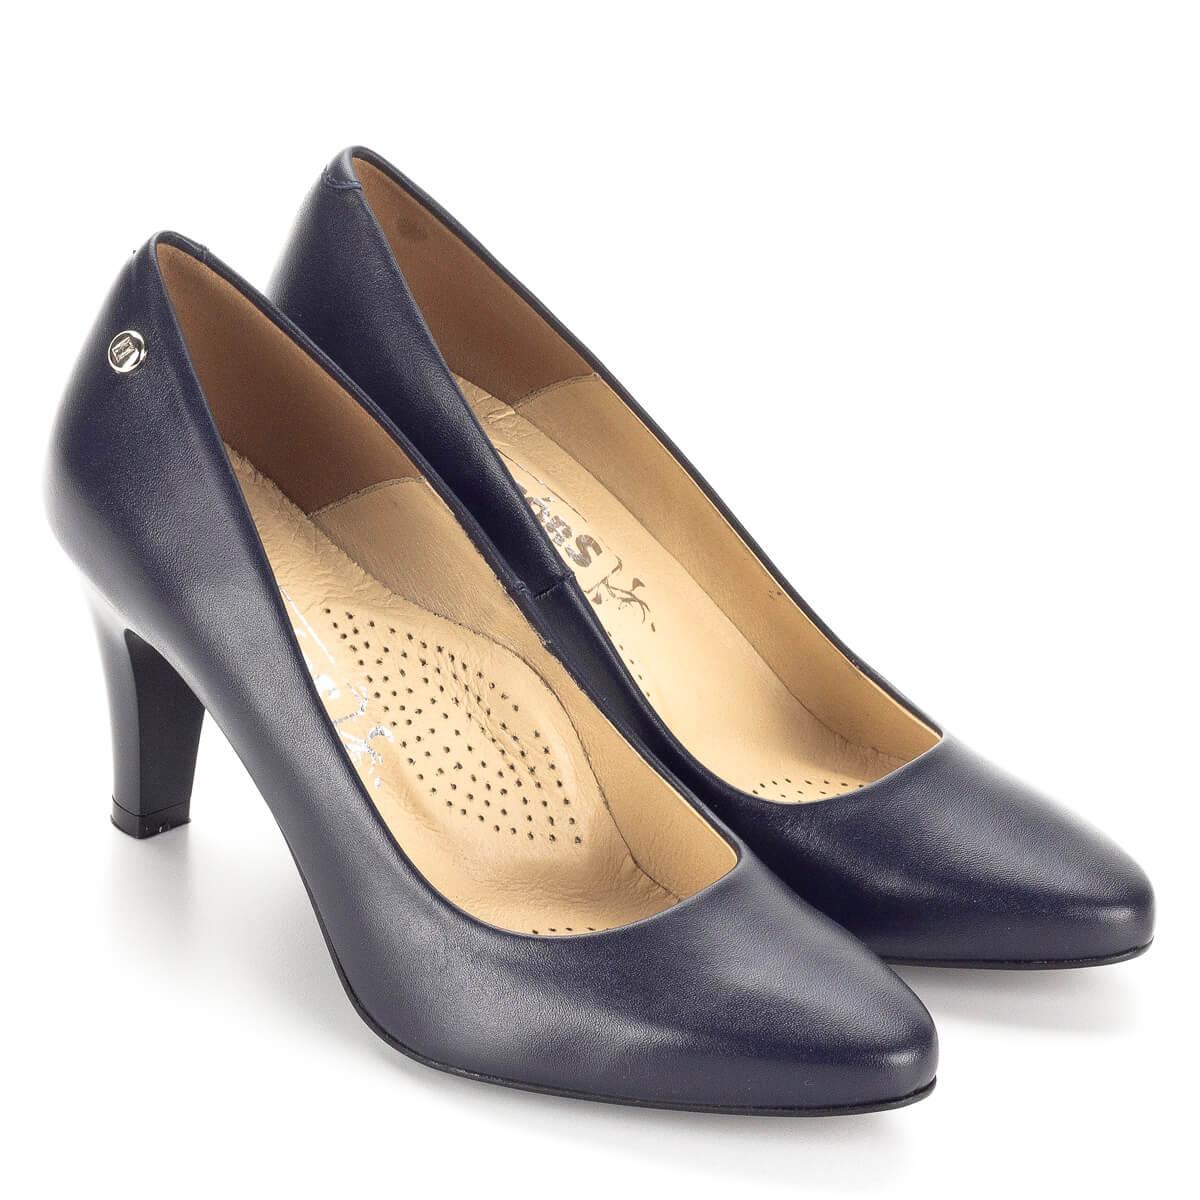 Kék Stragórs magassarkú cipő - Alkalmi cipő - Magassarkú - Körömcipő 2f19eb6107